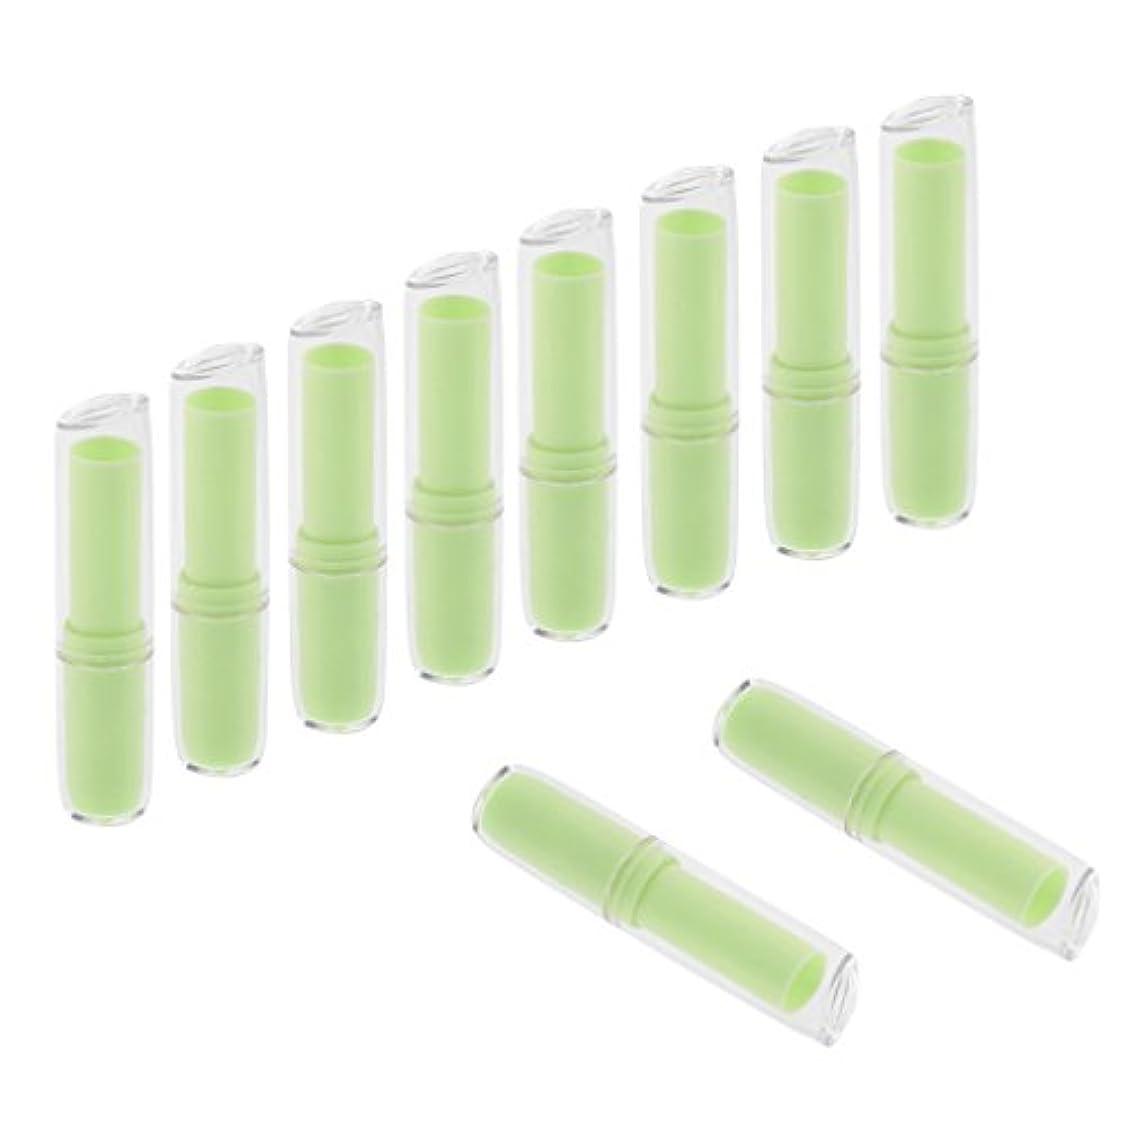 傾向がありますドア適用するInjoyo 口紅チューブ リップクリーム容器 口紅容器 リップスティック コンテナ プラスチック材質 約10個 全6色 - 緑